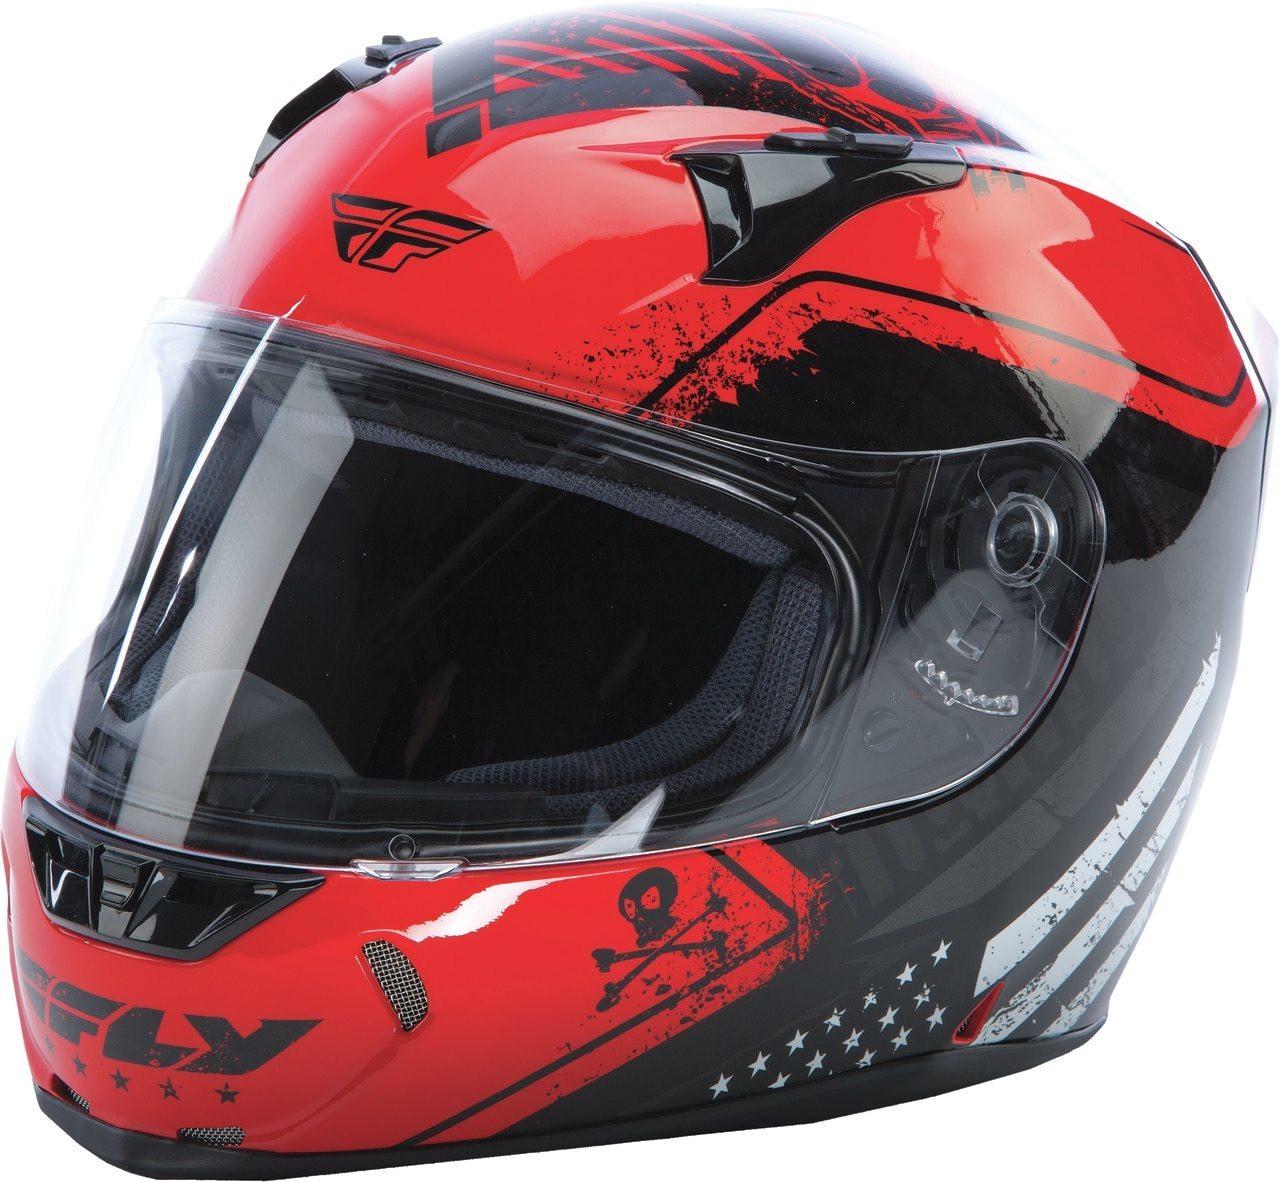 Fly Racing Revolt FS Patriot Helmet Gloss Red/Black